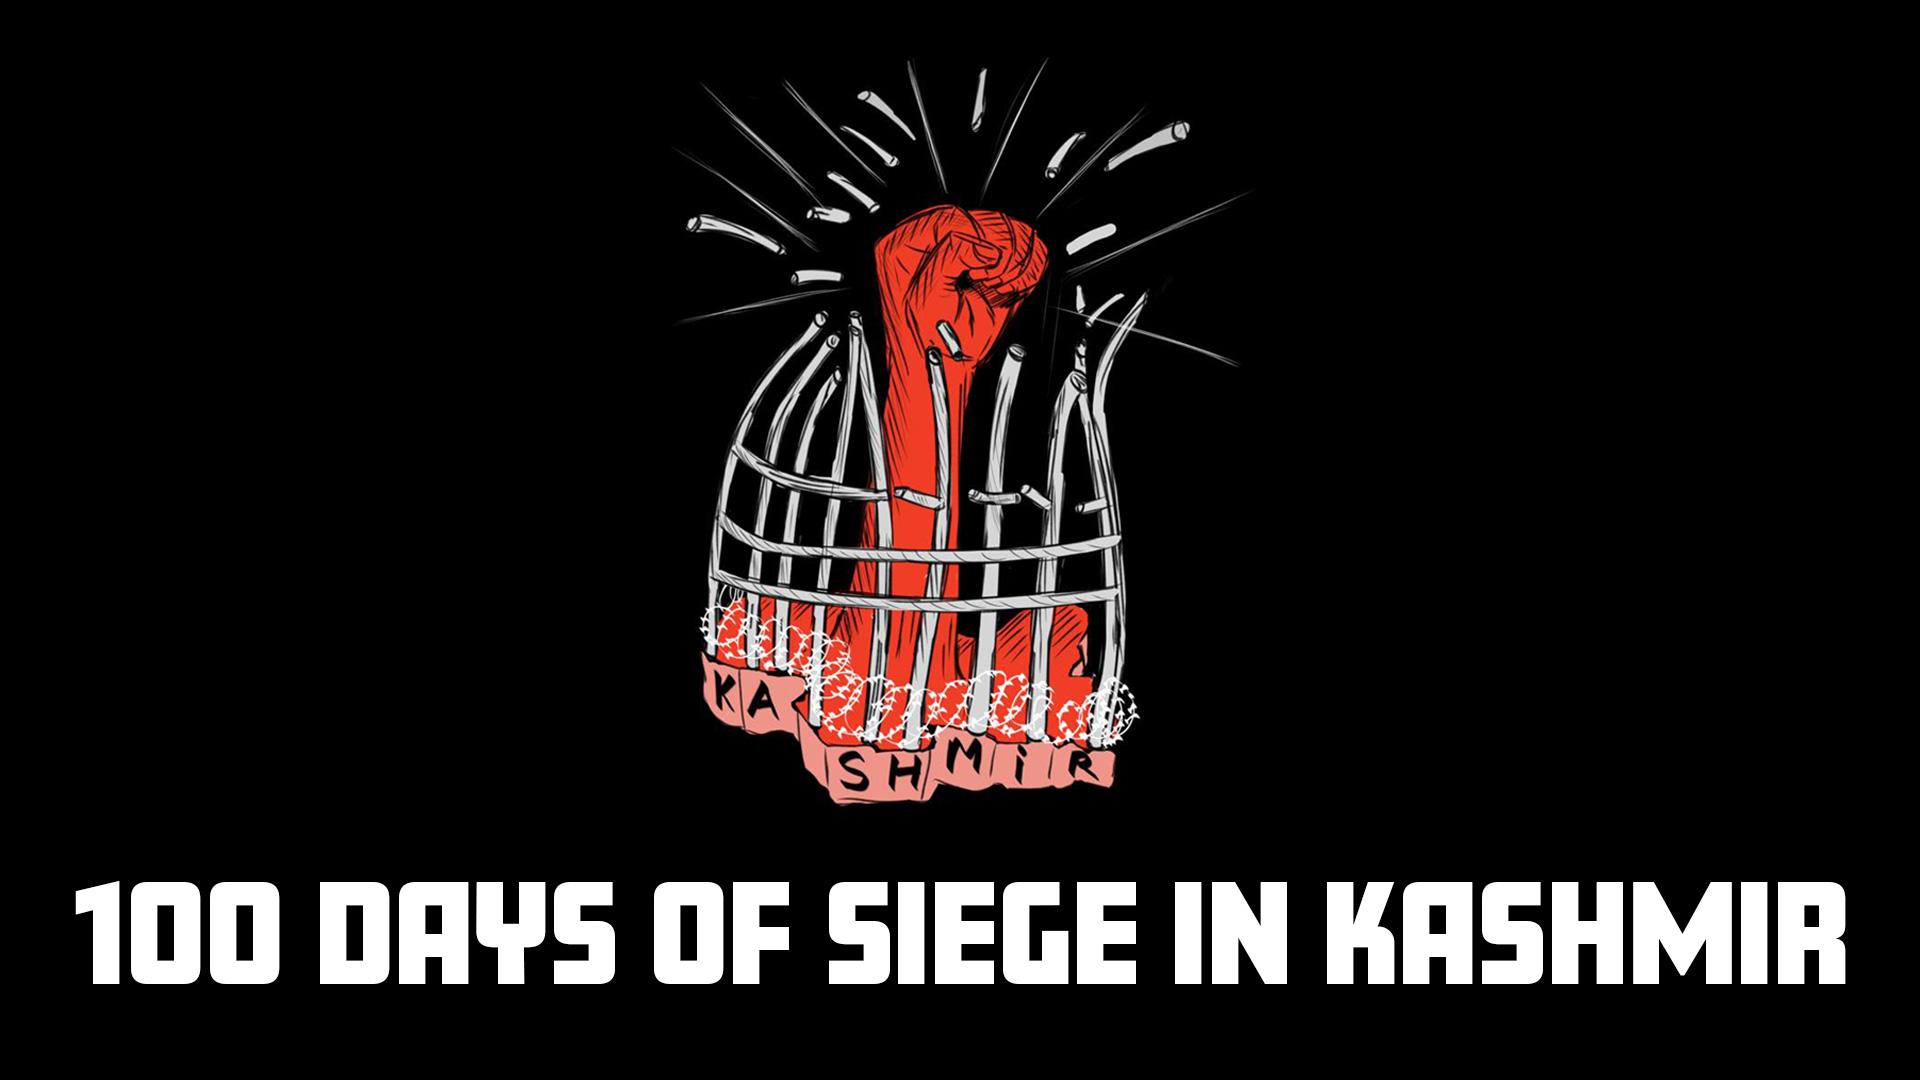 100 DAYS OF SIEGE IN KASHMIR